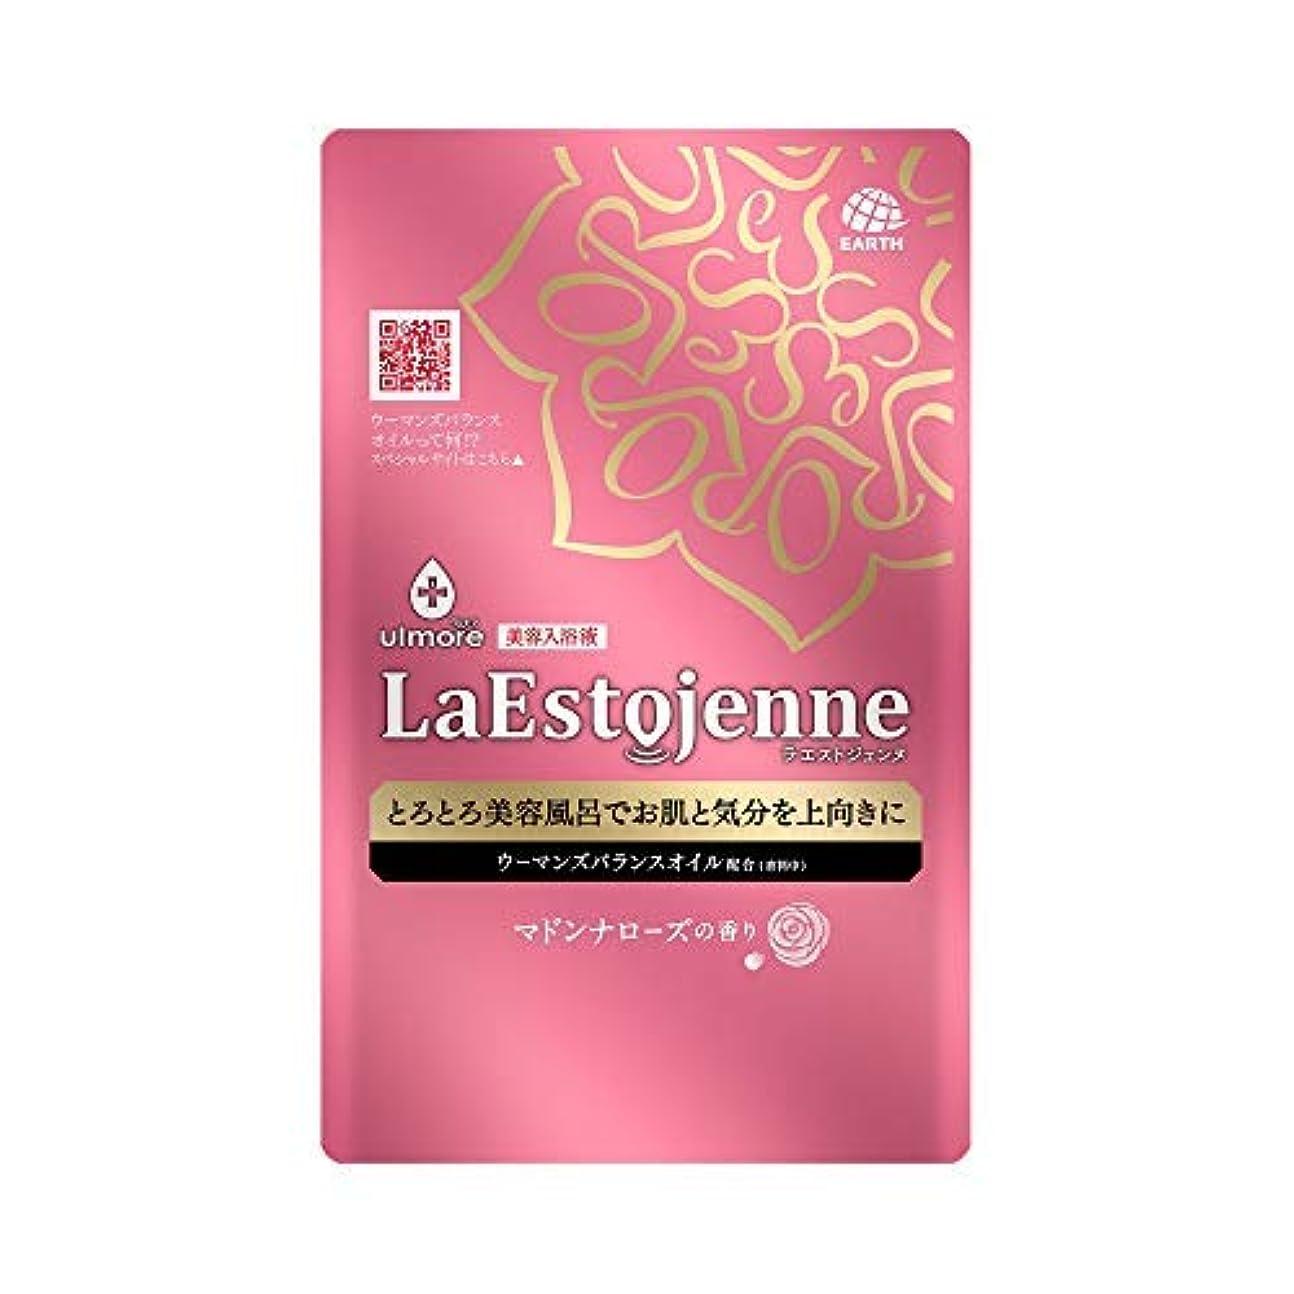 相談大事にするステレオタイプウルモア ラエストジェンヌ マドンナローズの香り 1包 × 6個セット